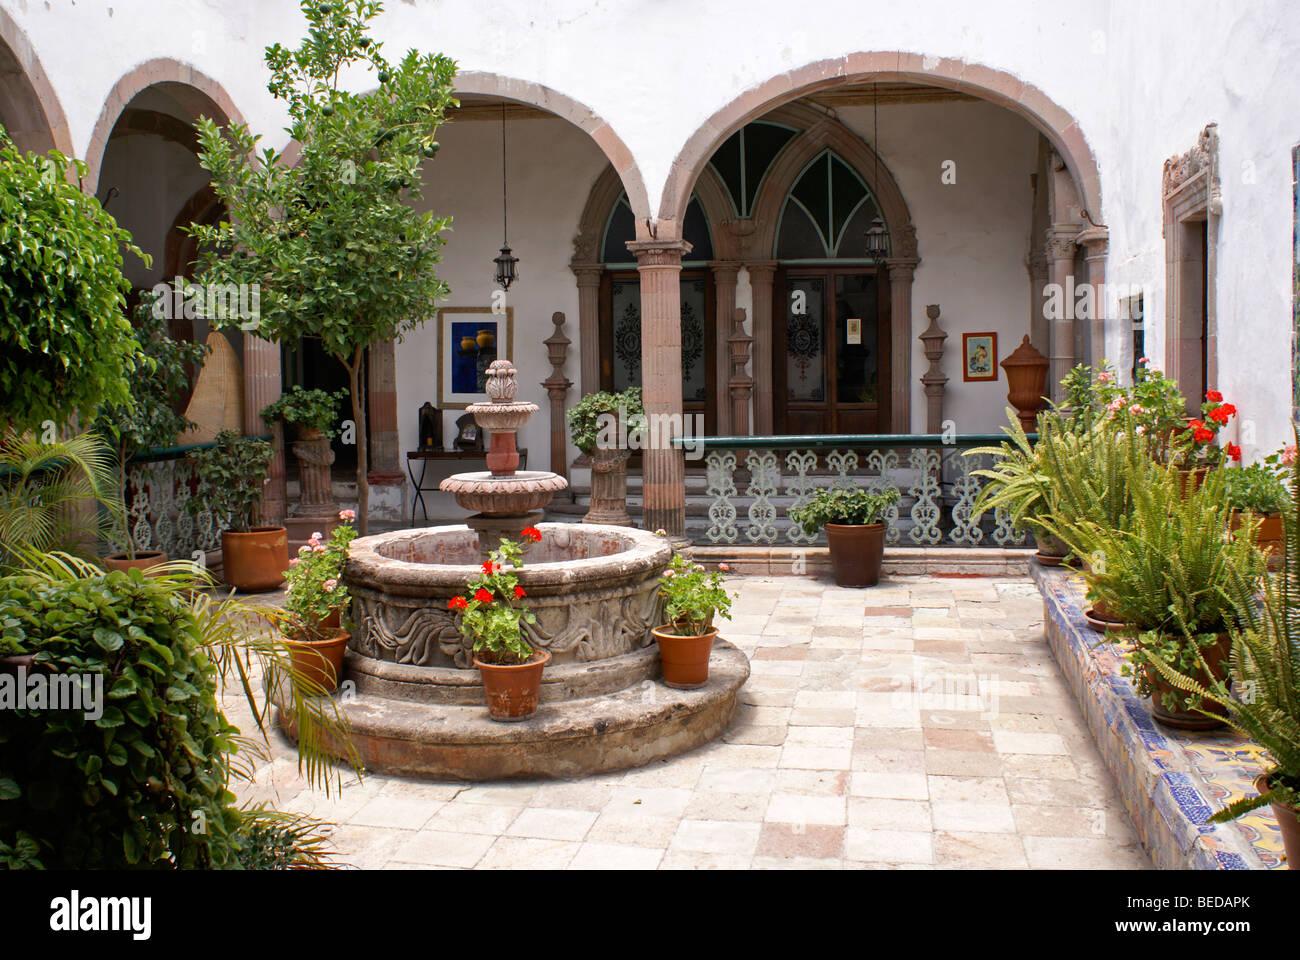 Spanischer Innenhof innenhof eines spanischen kolonialen hauses in san miguel de allende